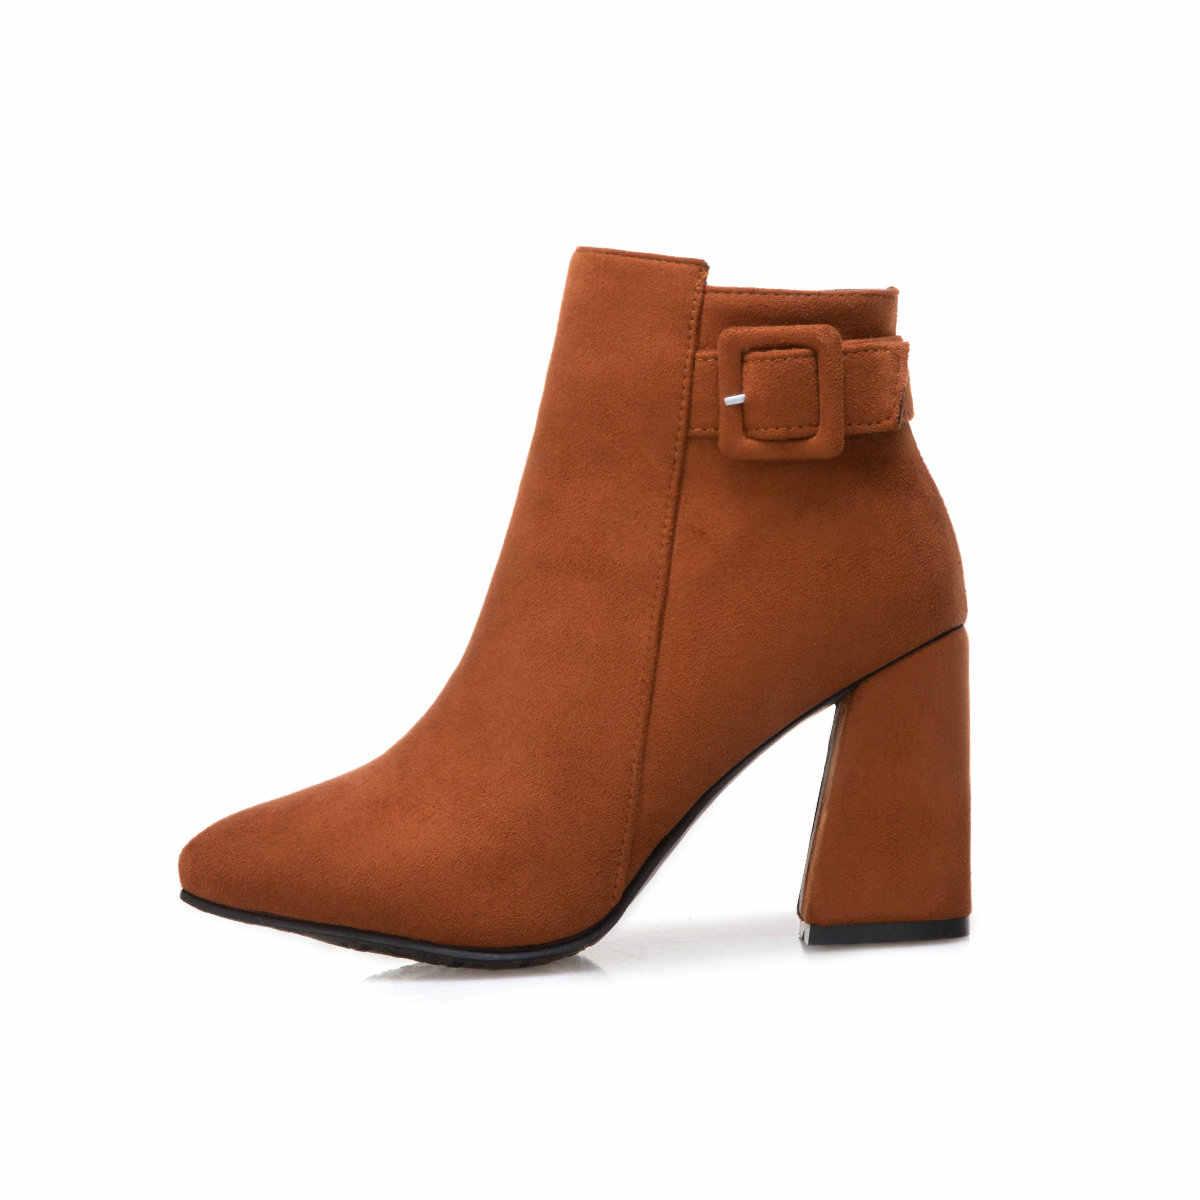 Kadın Fermuar Çizmeler Kalın Yüksek Topuk yarım çizmeler Akın Sivri Burun Moda Çizmeler Kış Artı Boyutu Bayan Ayakkabıları Siyah Mavi Sarı